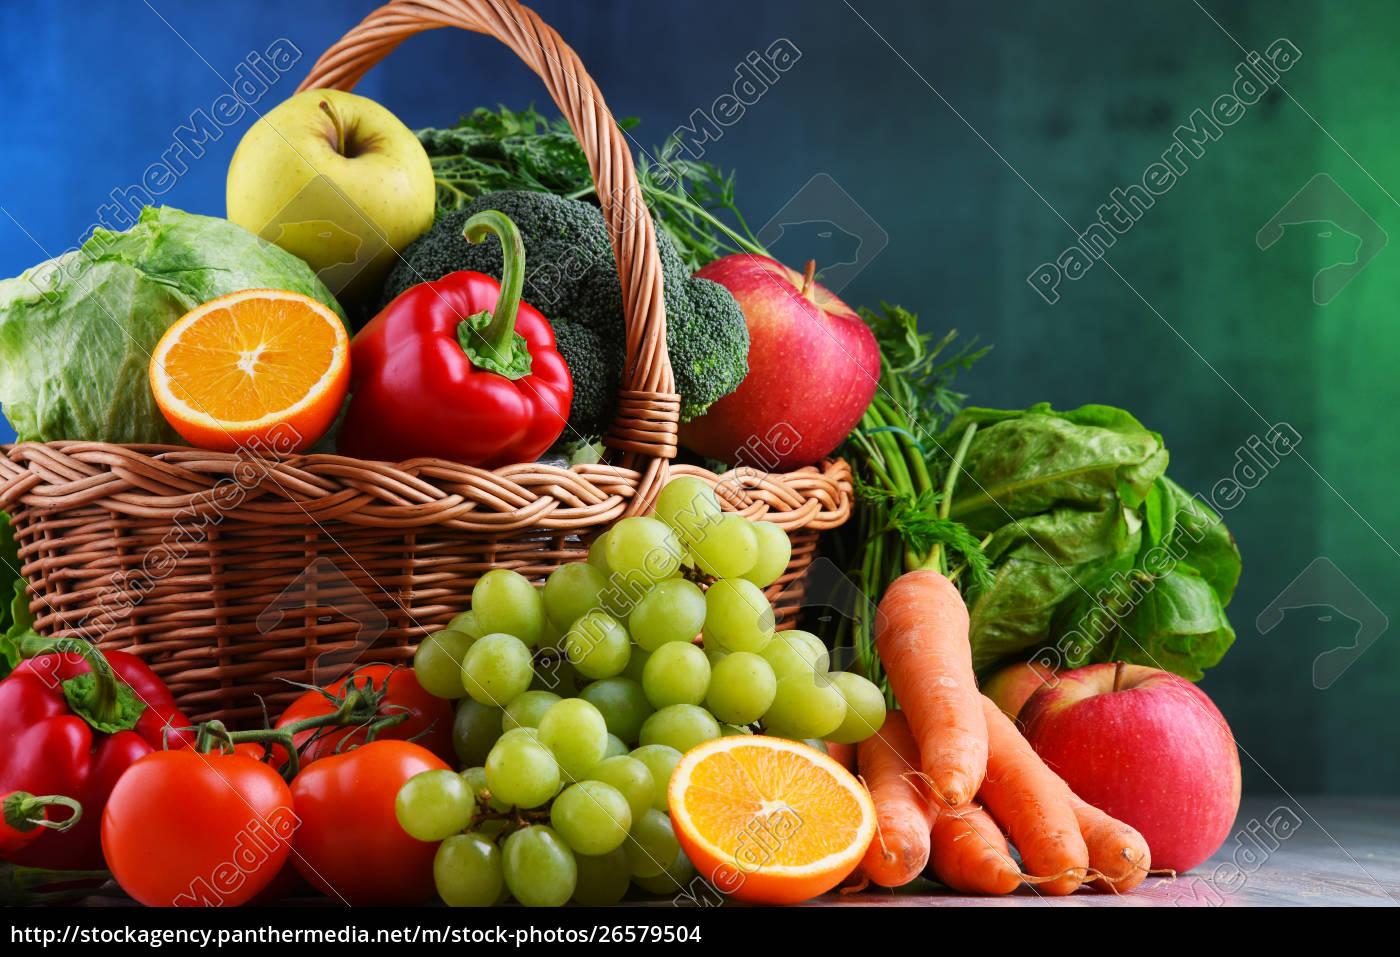 c89fa5f9a3 Lizenzfreies Foto 26579504 - Frisches Bio Obst und Gemüse in Weidenkorb